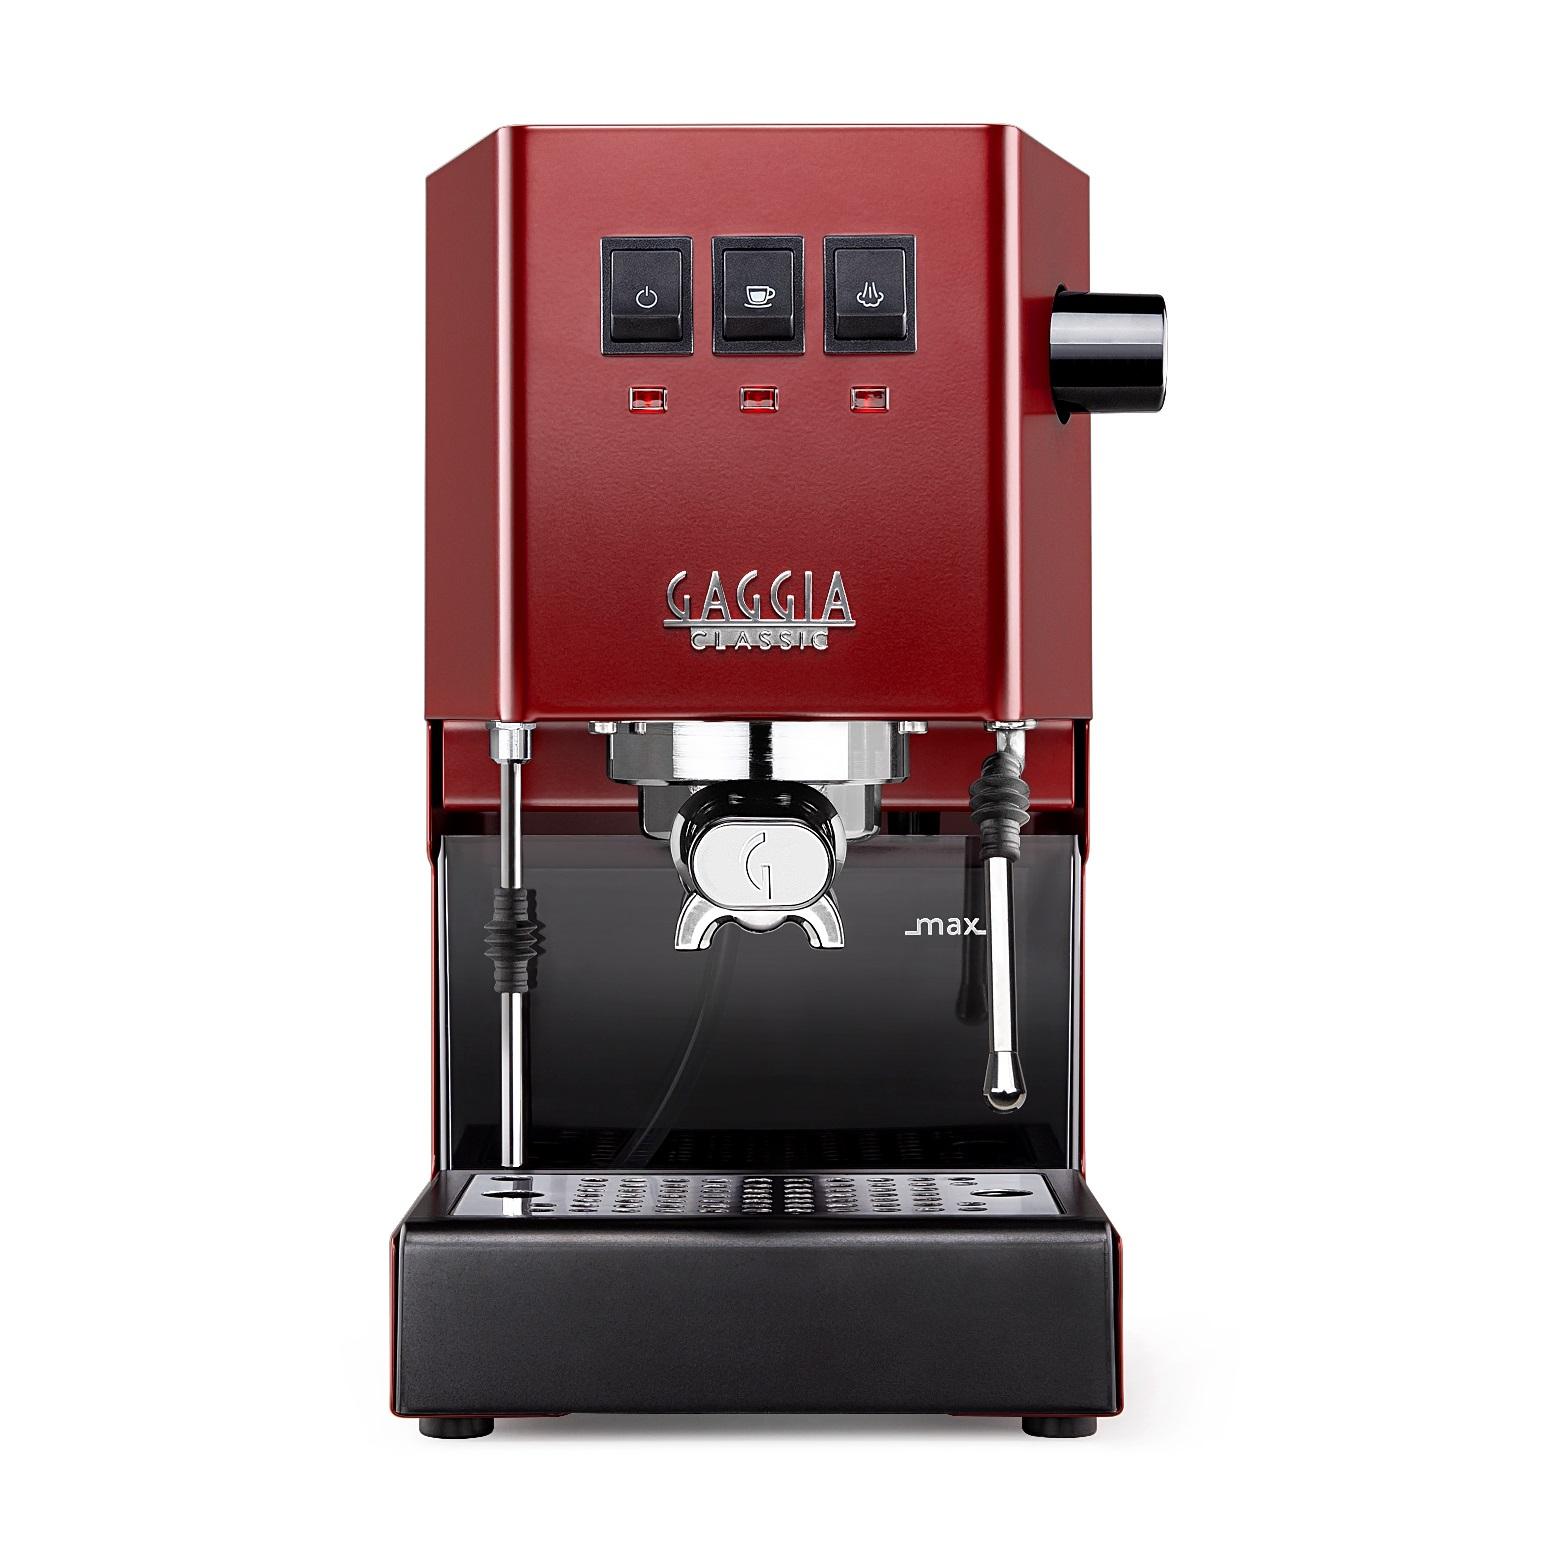 Espressor manual Gaggia Classic 2019 Rosu, 1050 W, 2.1 L, 15 bar, cadou Tamper Motta 58 mm